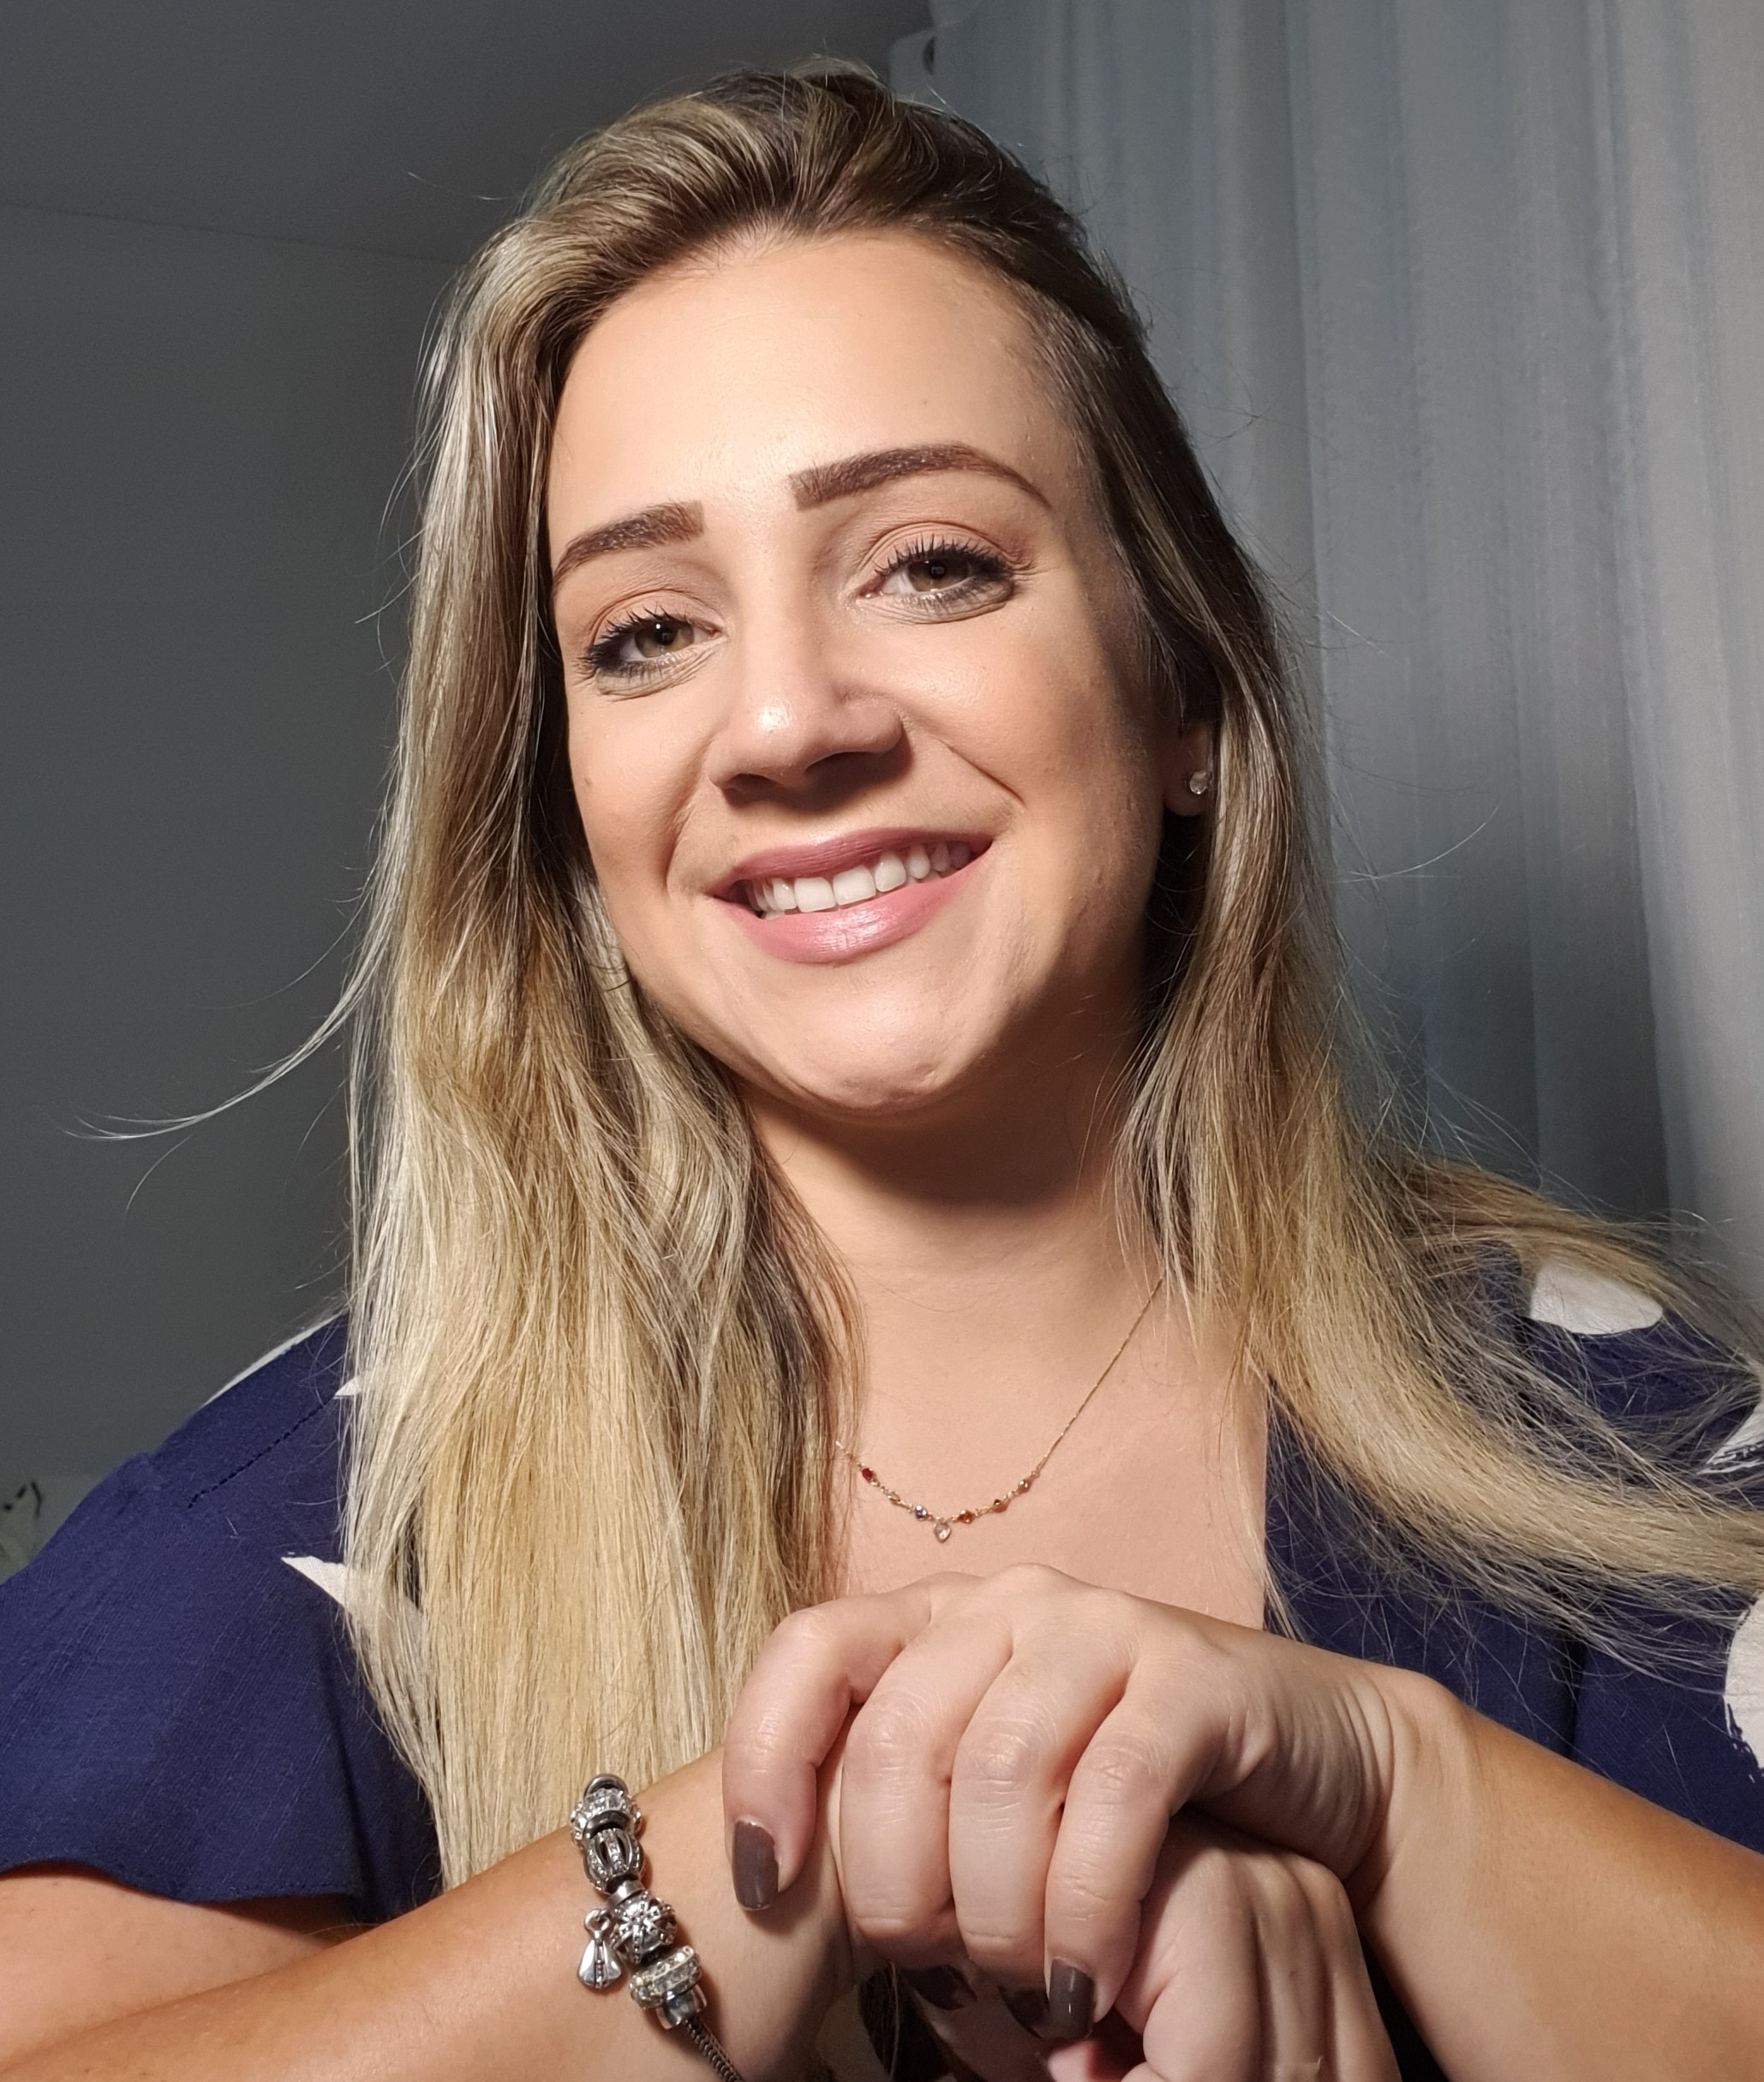 Mariana de Oliveira Rodrigues